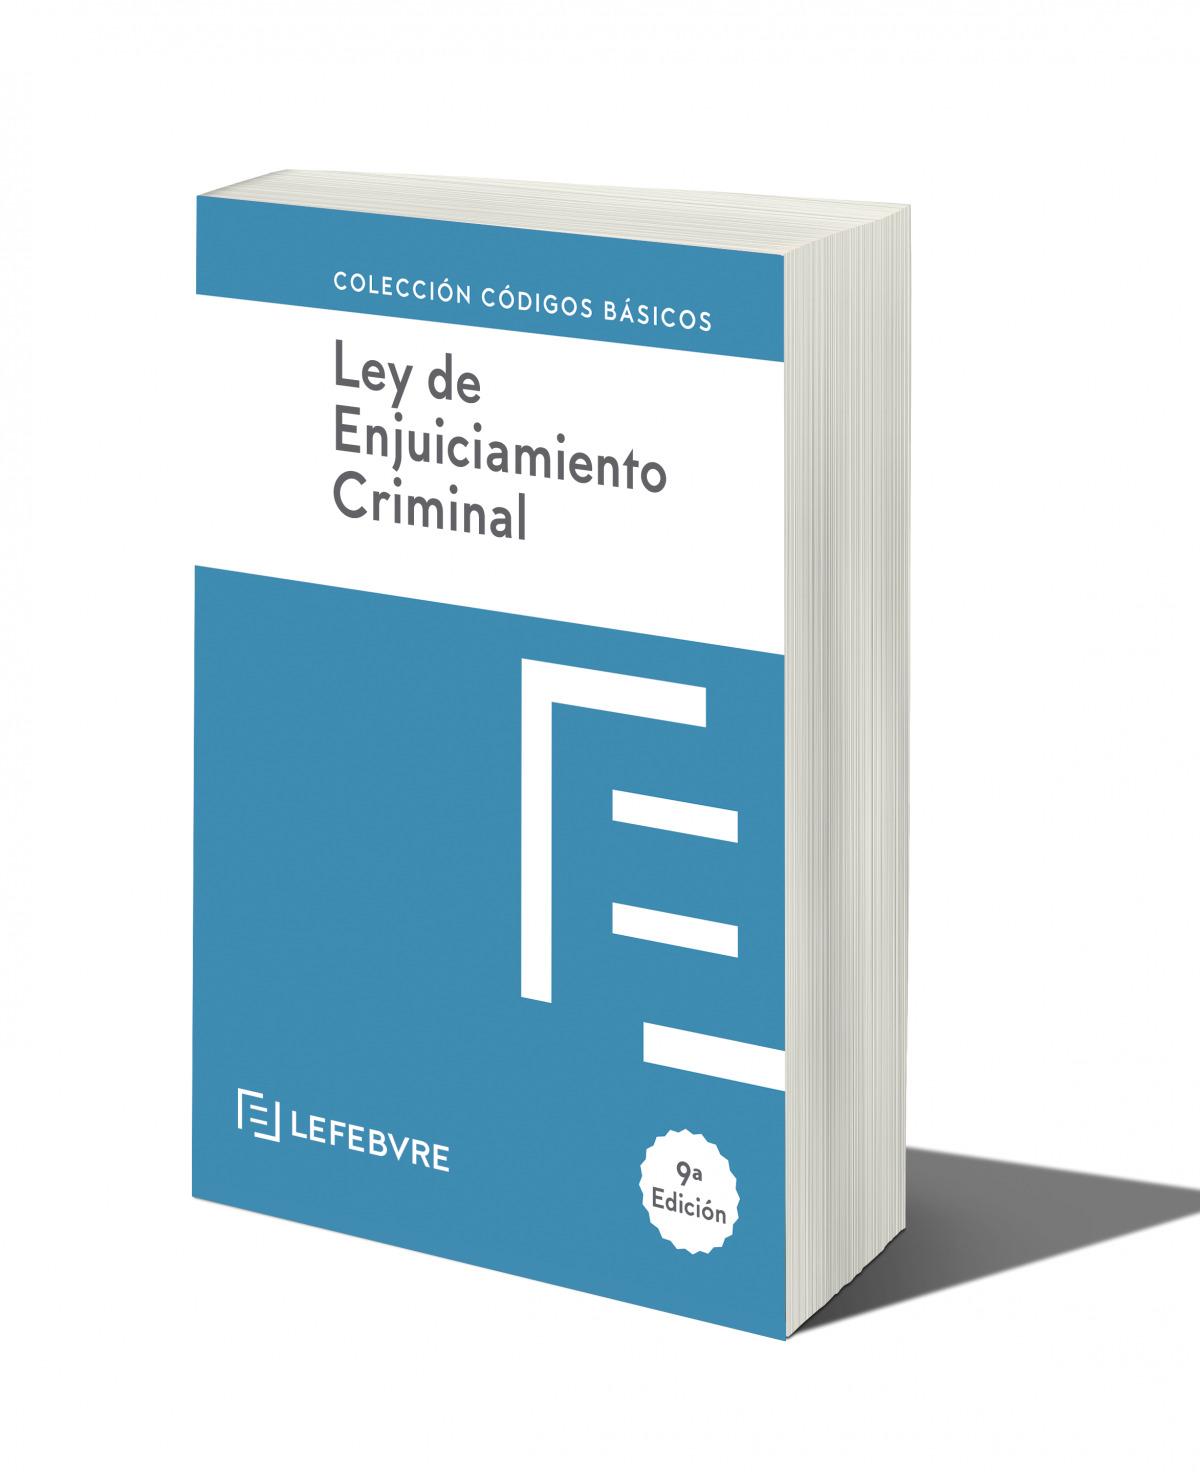 LEY DE ENJUICIAMIENTO CRIMINAL 9ª edc.